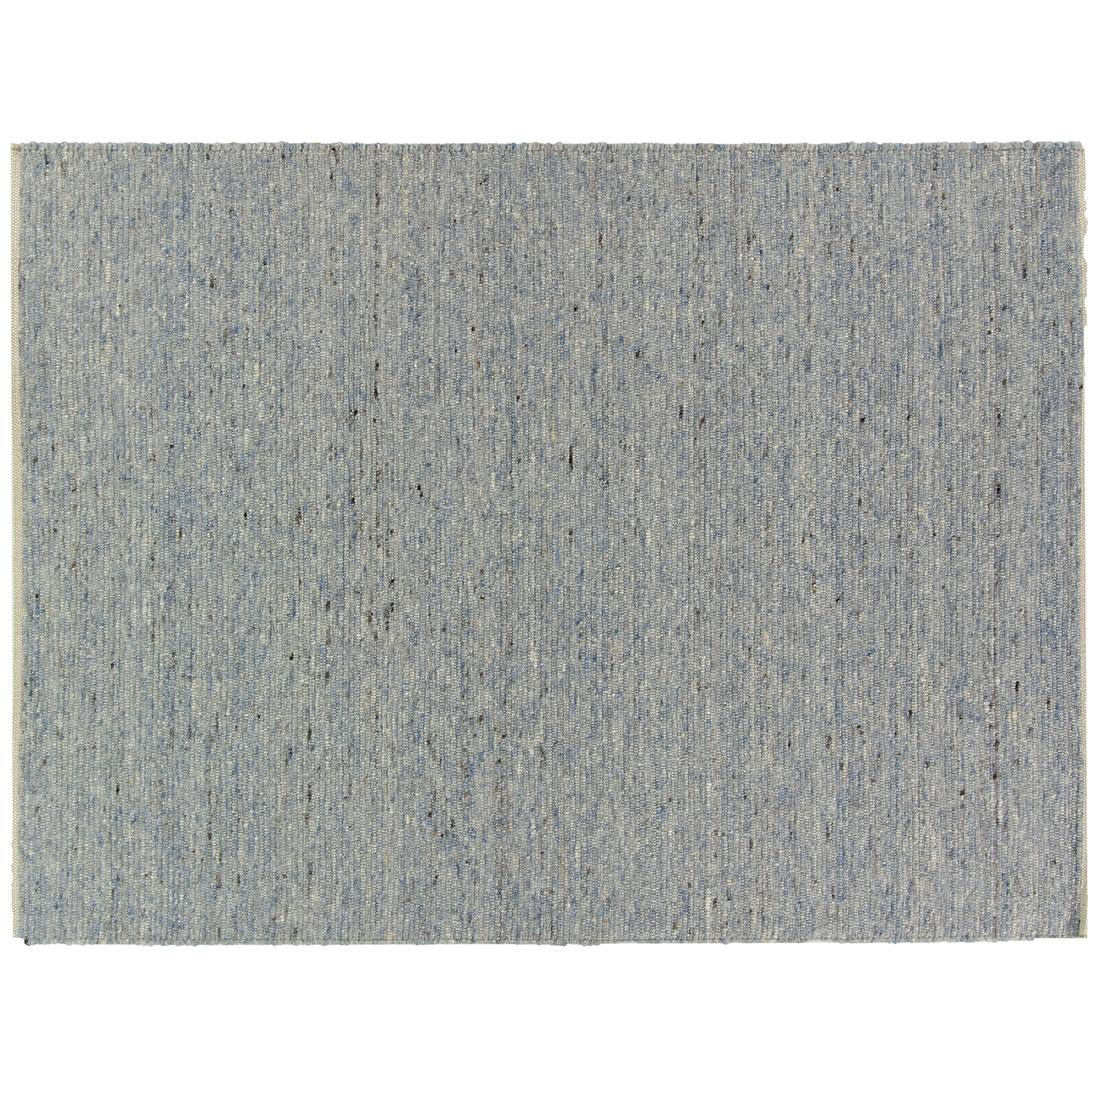 Vloerkleed Brinker Eslo 350 | 170 x 230 cm